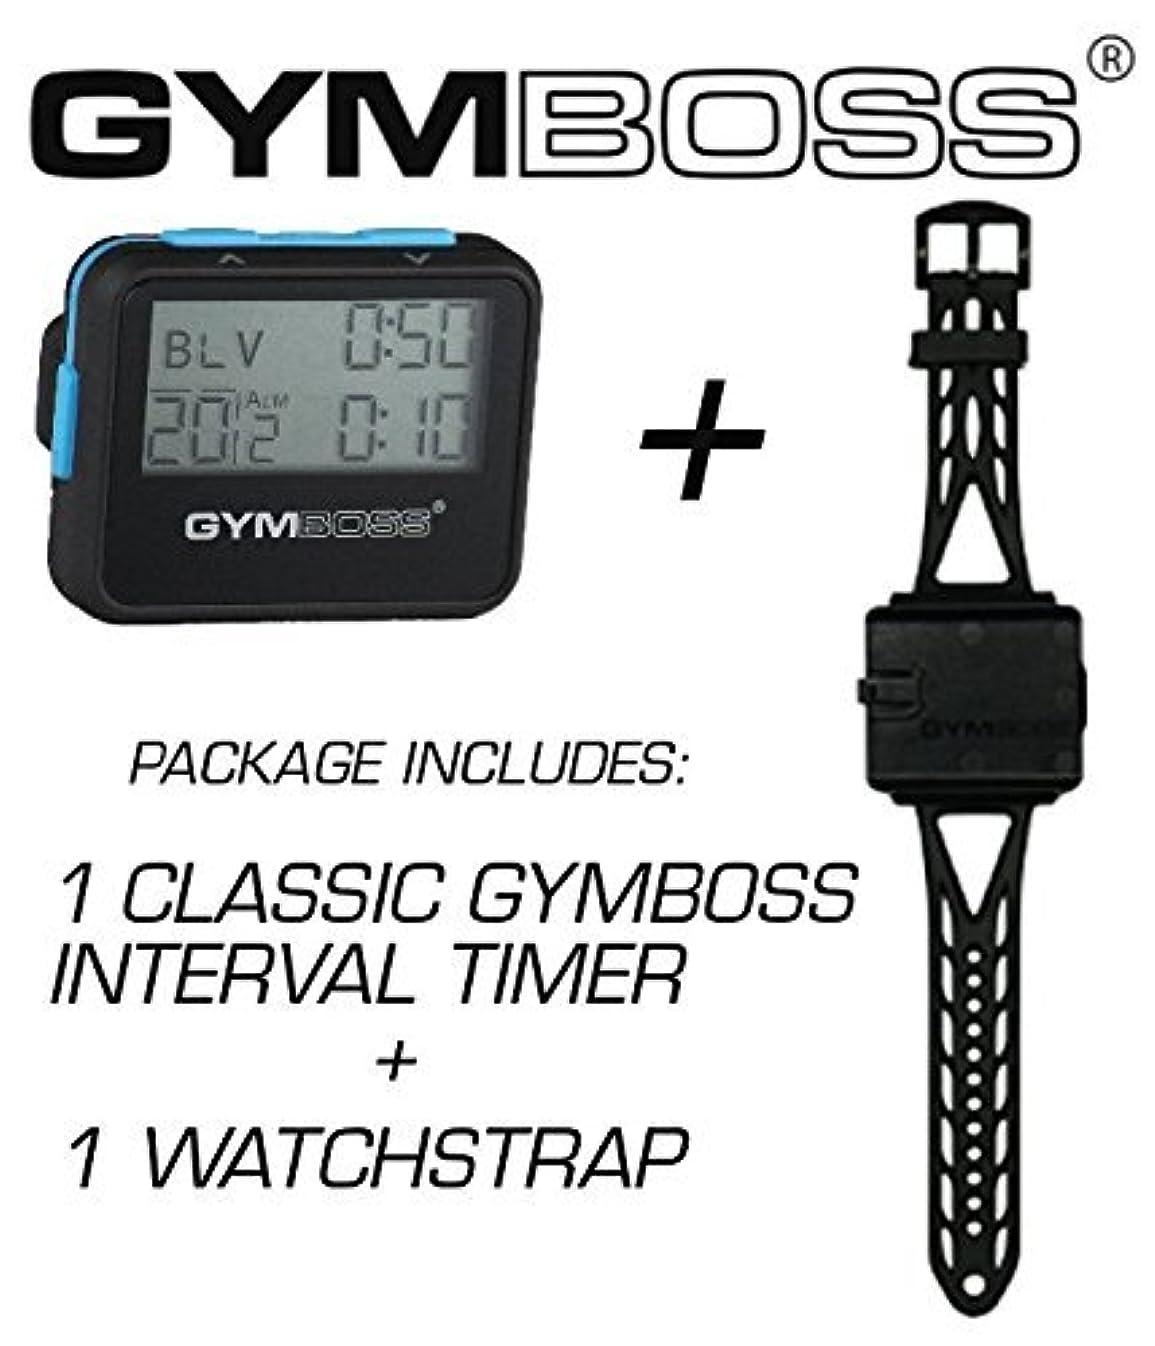 著名な杭本質的にGymboss 2アイテム バンドルパッケージ: Gymbossインターバールタイマーとストップウォッチ1個 + Gymbossウォッチストラップ1本(ブラック本体にブルーのボタン付き、フリーサイズ)